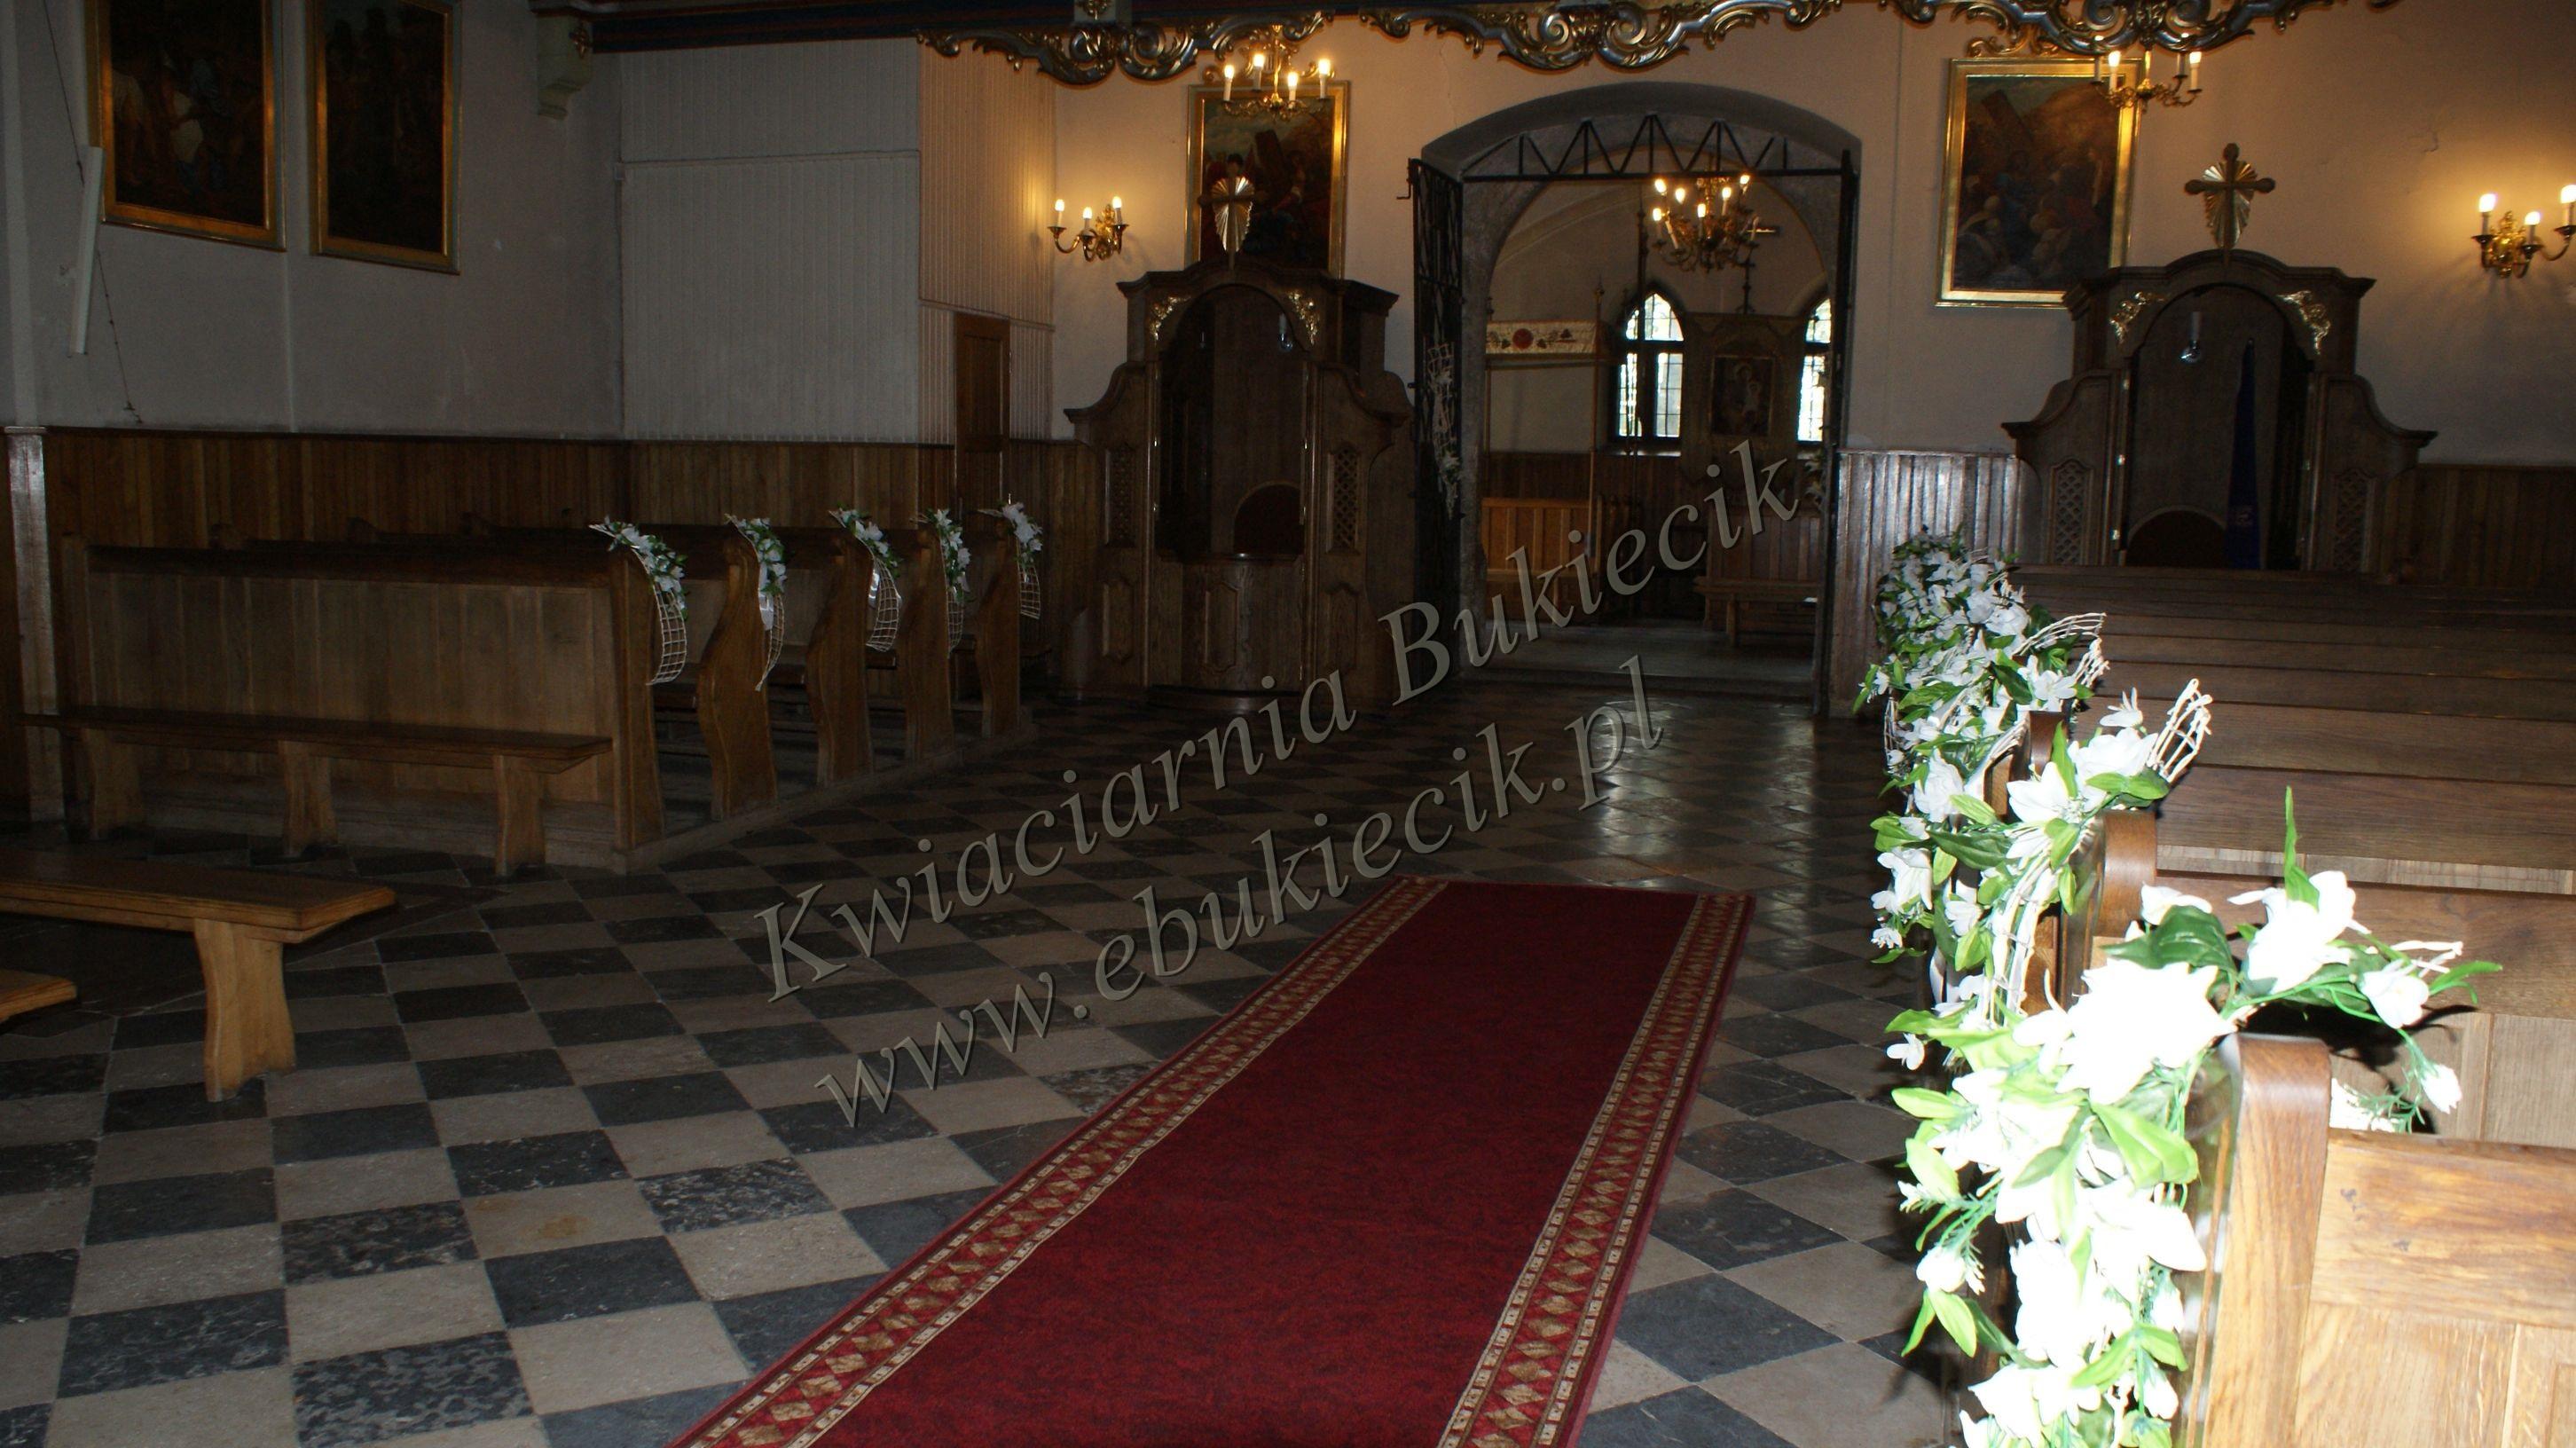 Wybitny Dekoracja kościoła na ślub- przybranie ławek. - Kwiaciarnia Bukiecik QL33